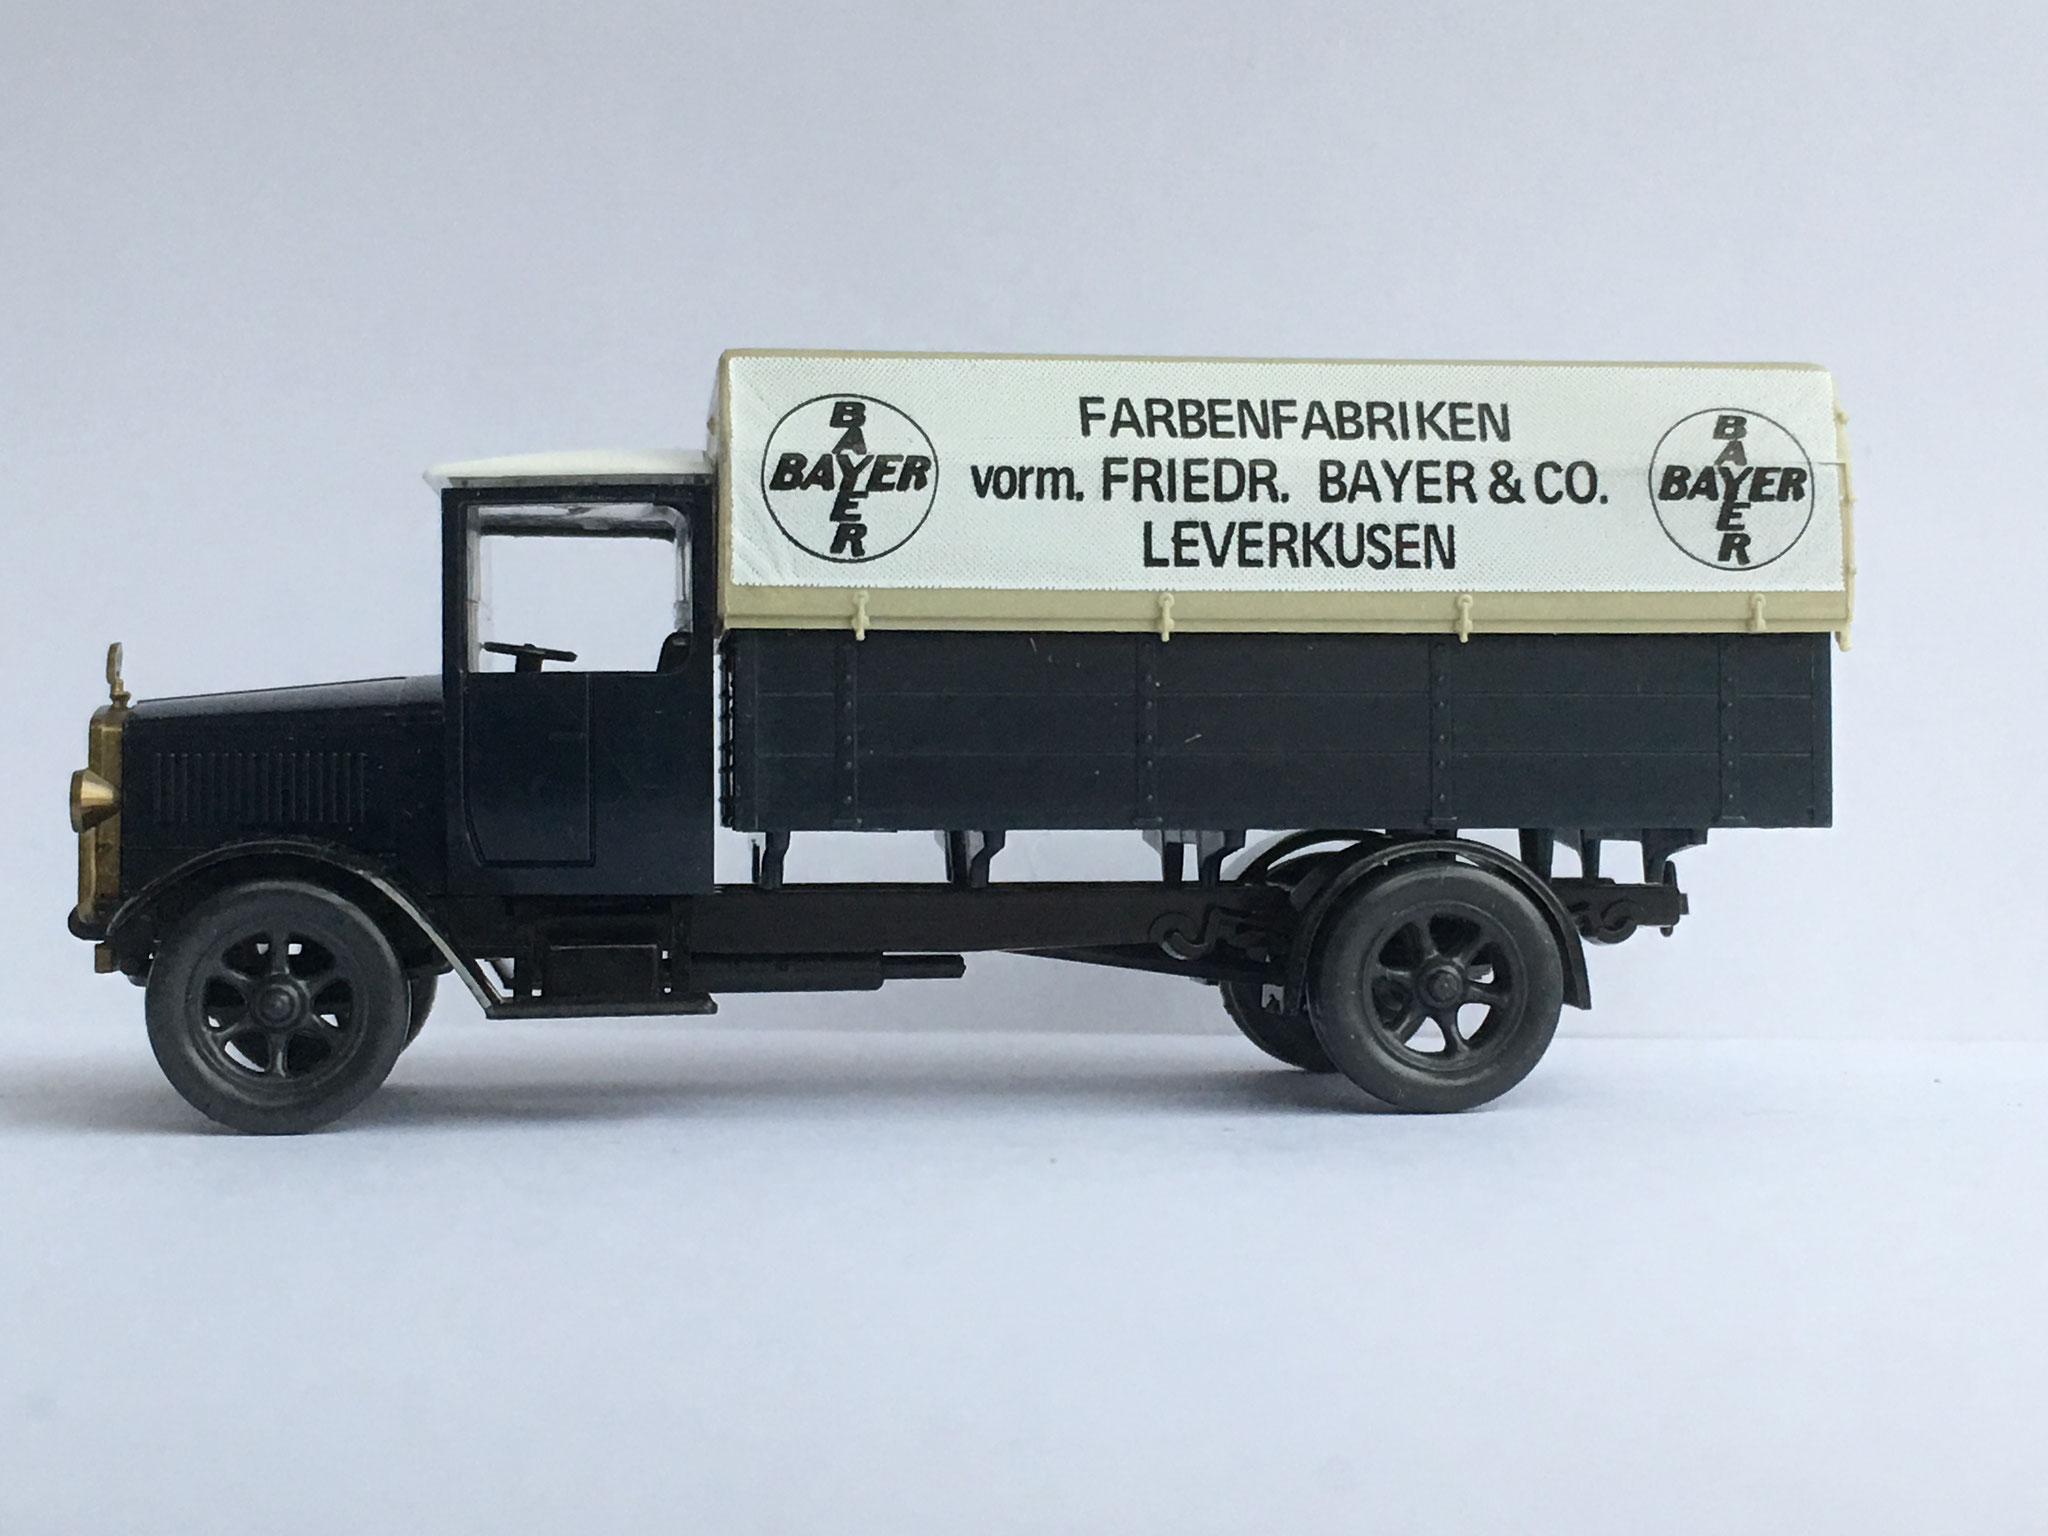 Mercedes L5, Pritschenwagen mit Plane, Farbenfabrik Bayer, Werbemodell für die Firma Bayer